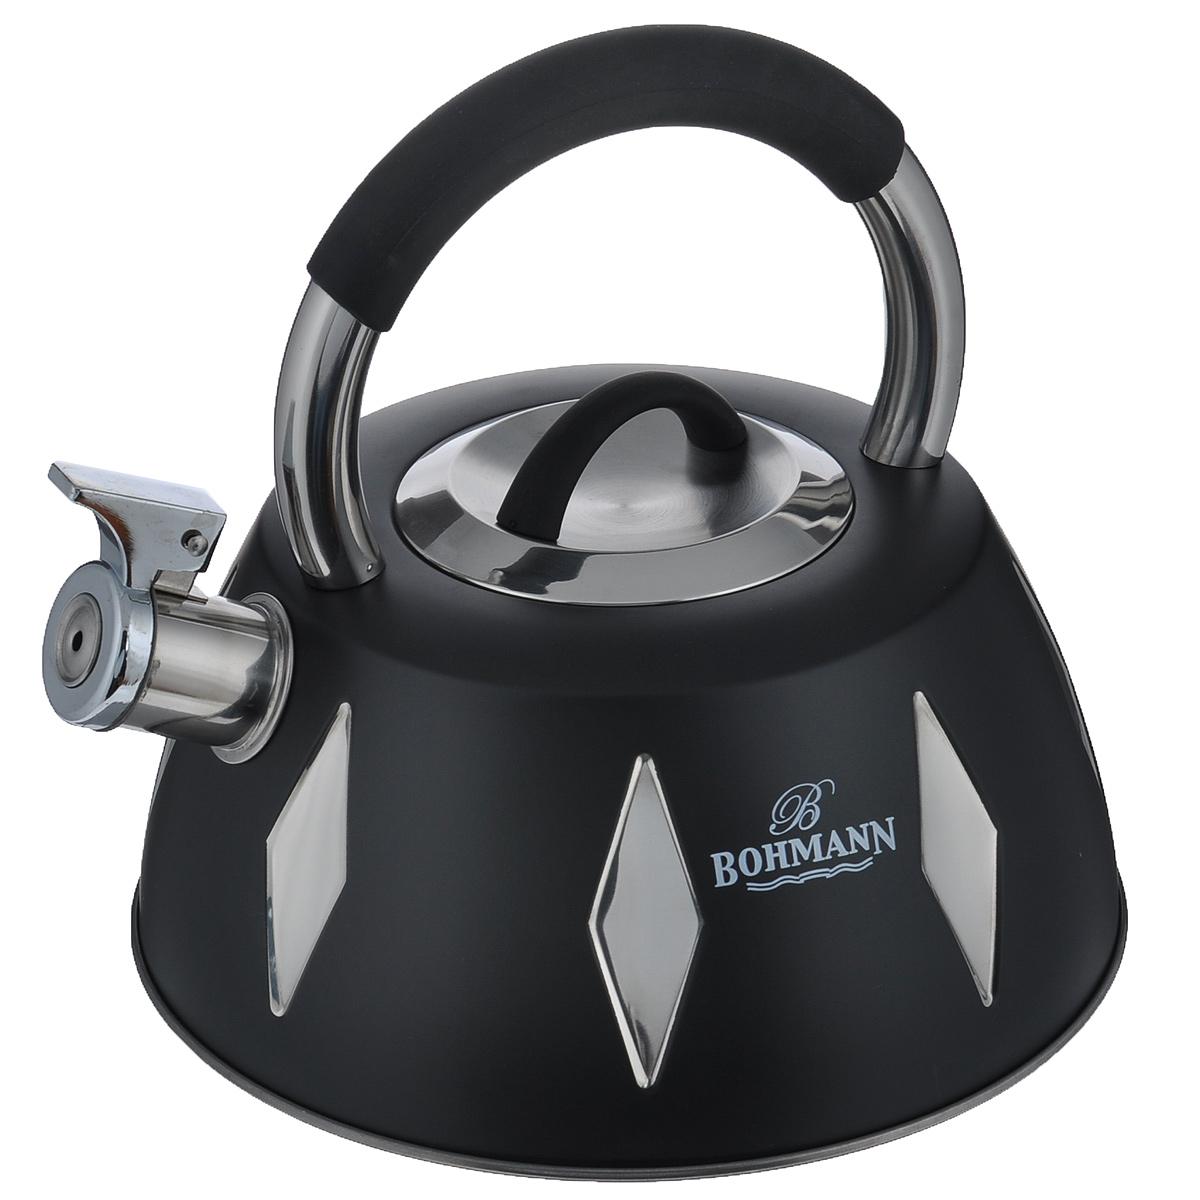 Чайник Bohmann со свистком, цвет: черный, 3,5 л. BH - 9948BH - 9948 черныйЧайник Bohmann изготовлен из высококачественной нержавеющей стали с цветным матовым покрытием. Нержавеющая сталь - материал, из которого в течение нескольких десятилетий во всем мире производятся столовые приборы, кухонные инструменты и различные аксессуары. Этот материал обладает высокой стойкостью к коррозии и кислотам. Прочность, долговечность и надежность этого материала, а также первоклассная обработка обеспечивают практически неограниченный запас прочности и неизменно привлекательный внешний вид. Чайник оснащен удобной ручкой с цветной силиконовой вставкой, что предотвращает появление ожогов и обеспечивает безопасность использования. Носик чайника имеет откидной свисток, который подскажет, когда вода закипела. Можно использовать на газовых, электрических, галогеновых, стеклокерамических, индукционных плитах. Можно мыть в посудомоечной машине.